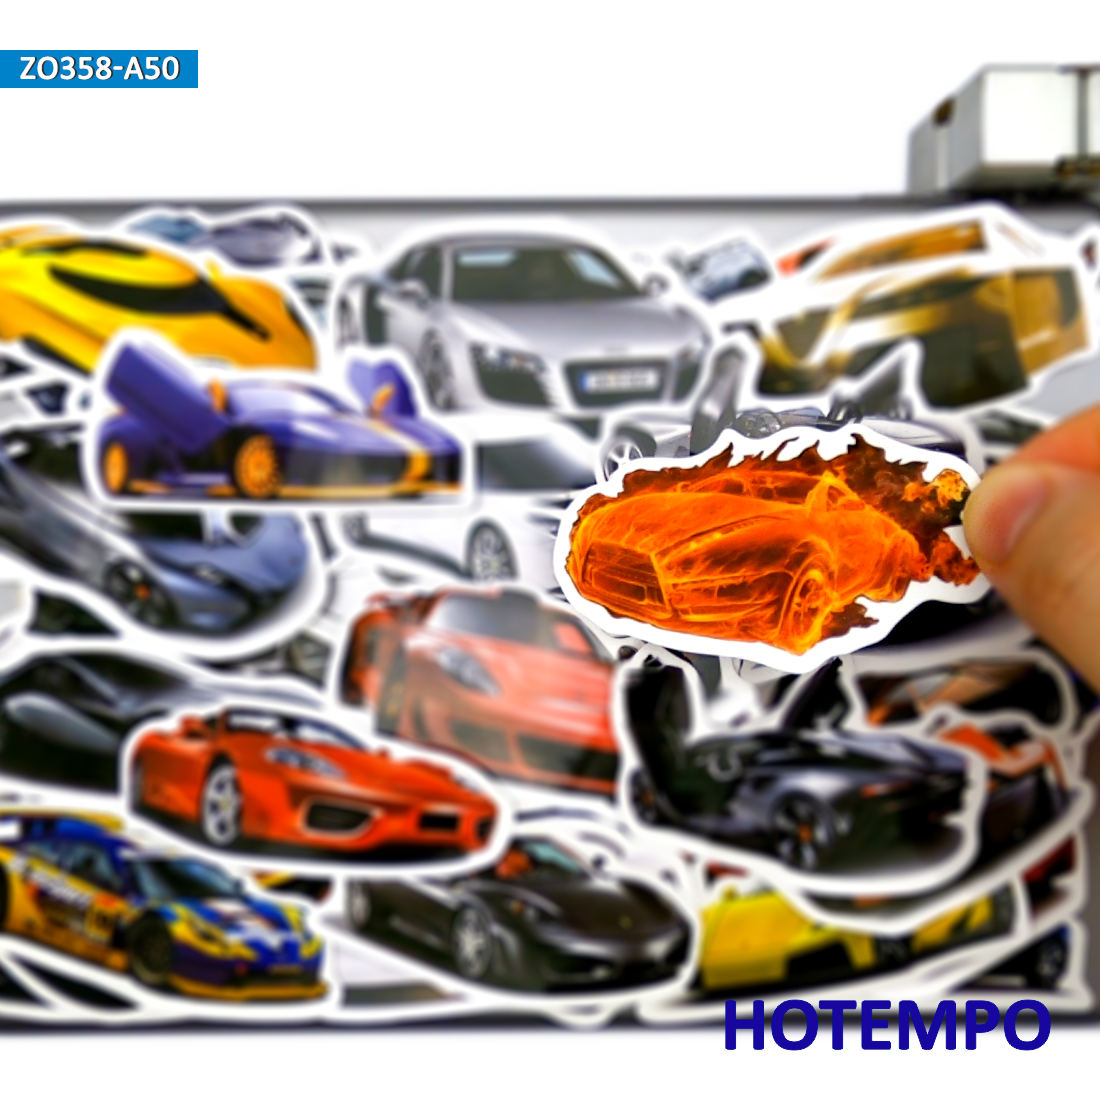 50 Uds. Pegatinas de coche deportivo a la moda estilo Roadster juguetes para niños DIY maleta para portátil móvil PAD Case Skateboard calcomanías Adhesivos para coche